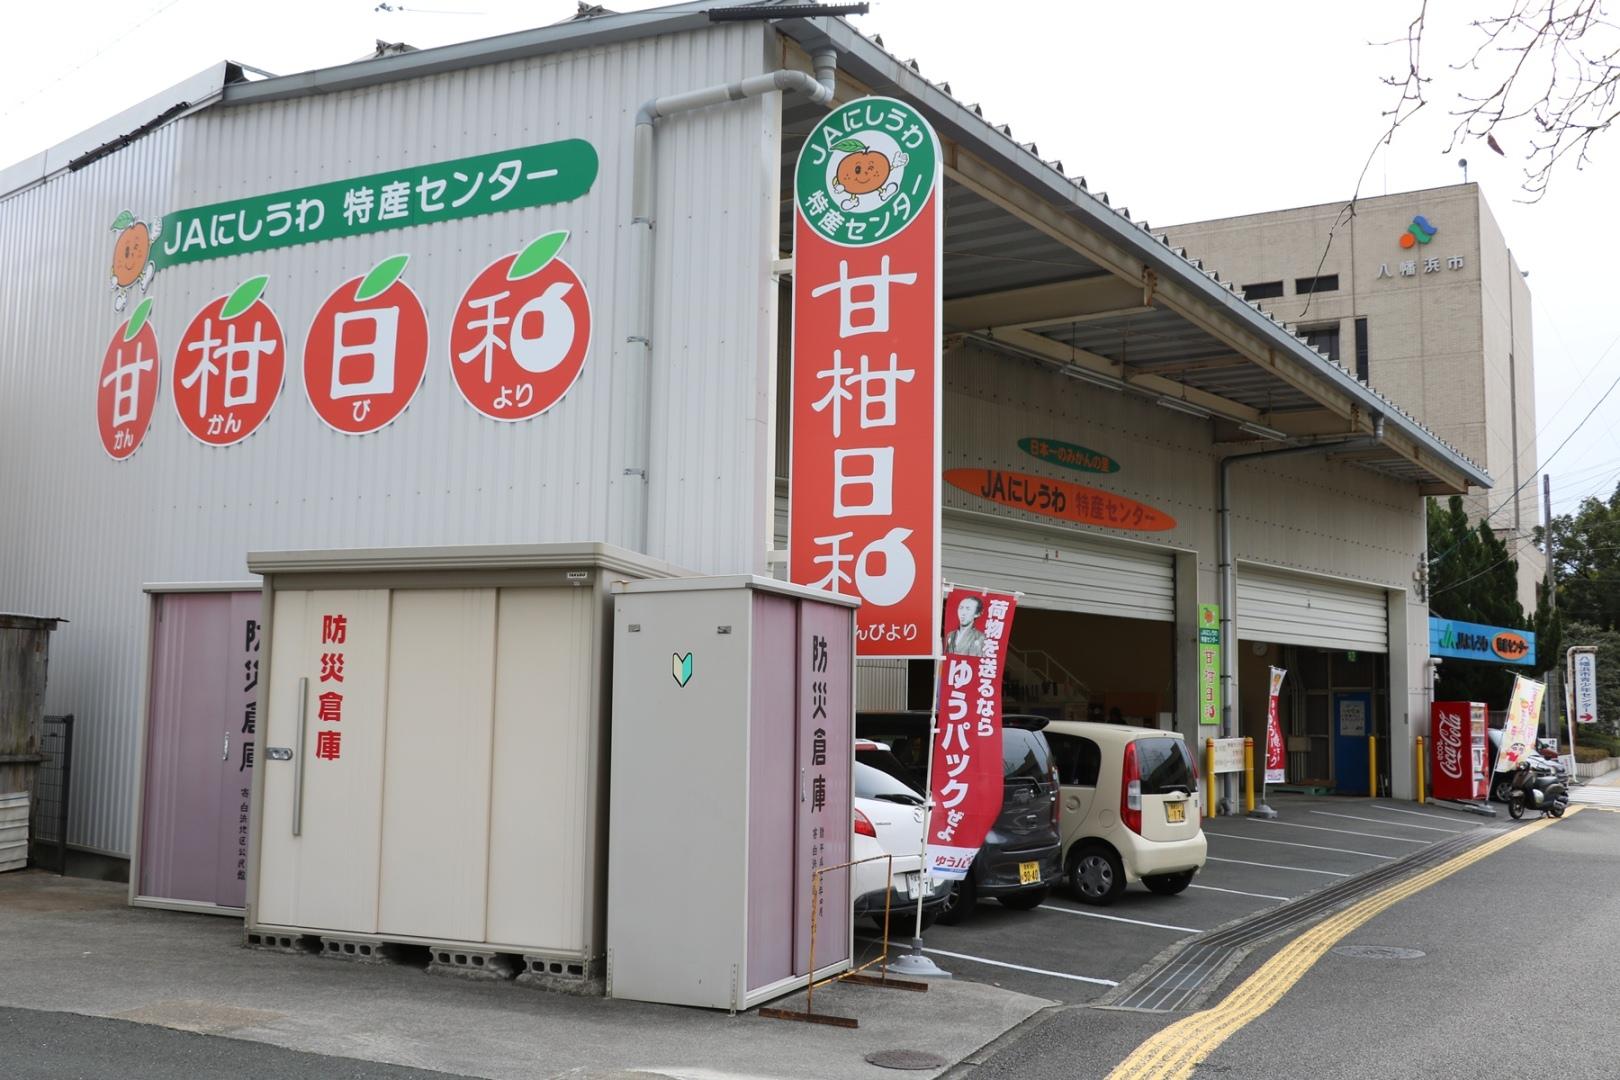 JAにしうわ特産センター 甘和日和(かんかんびより)